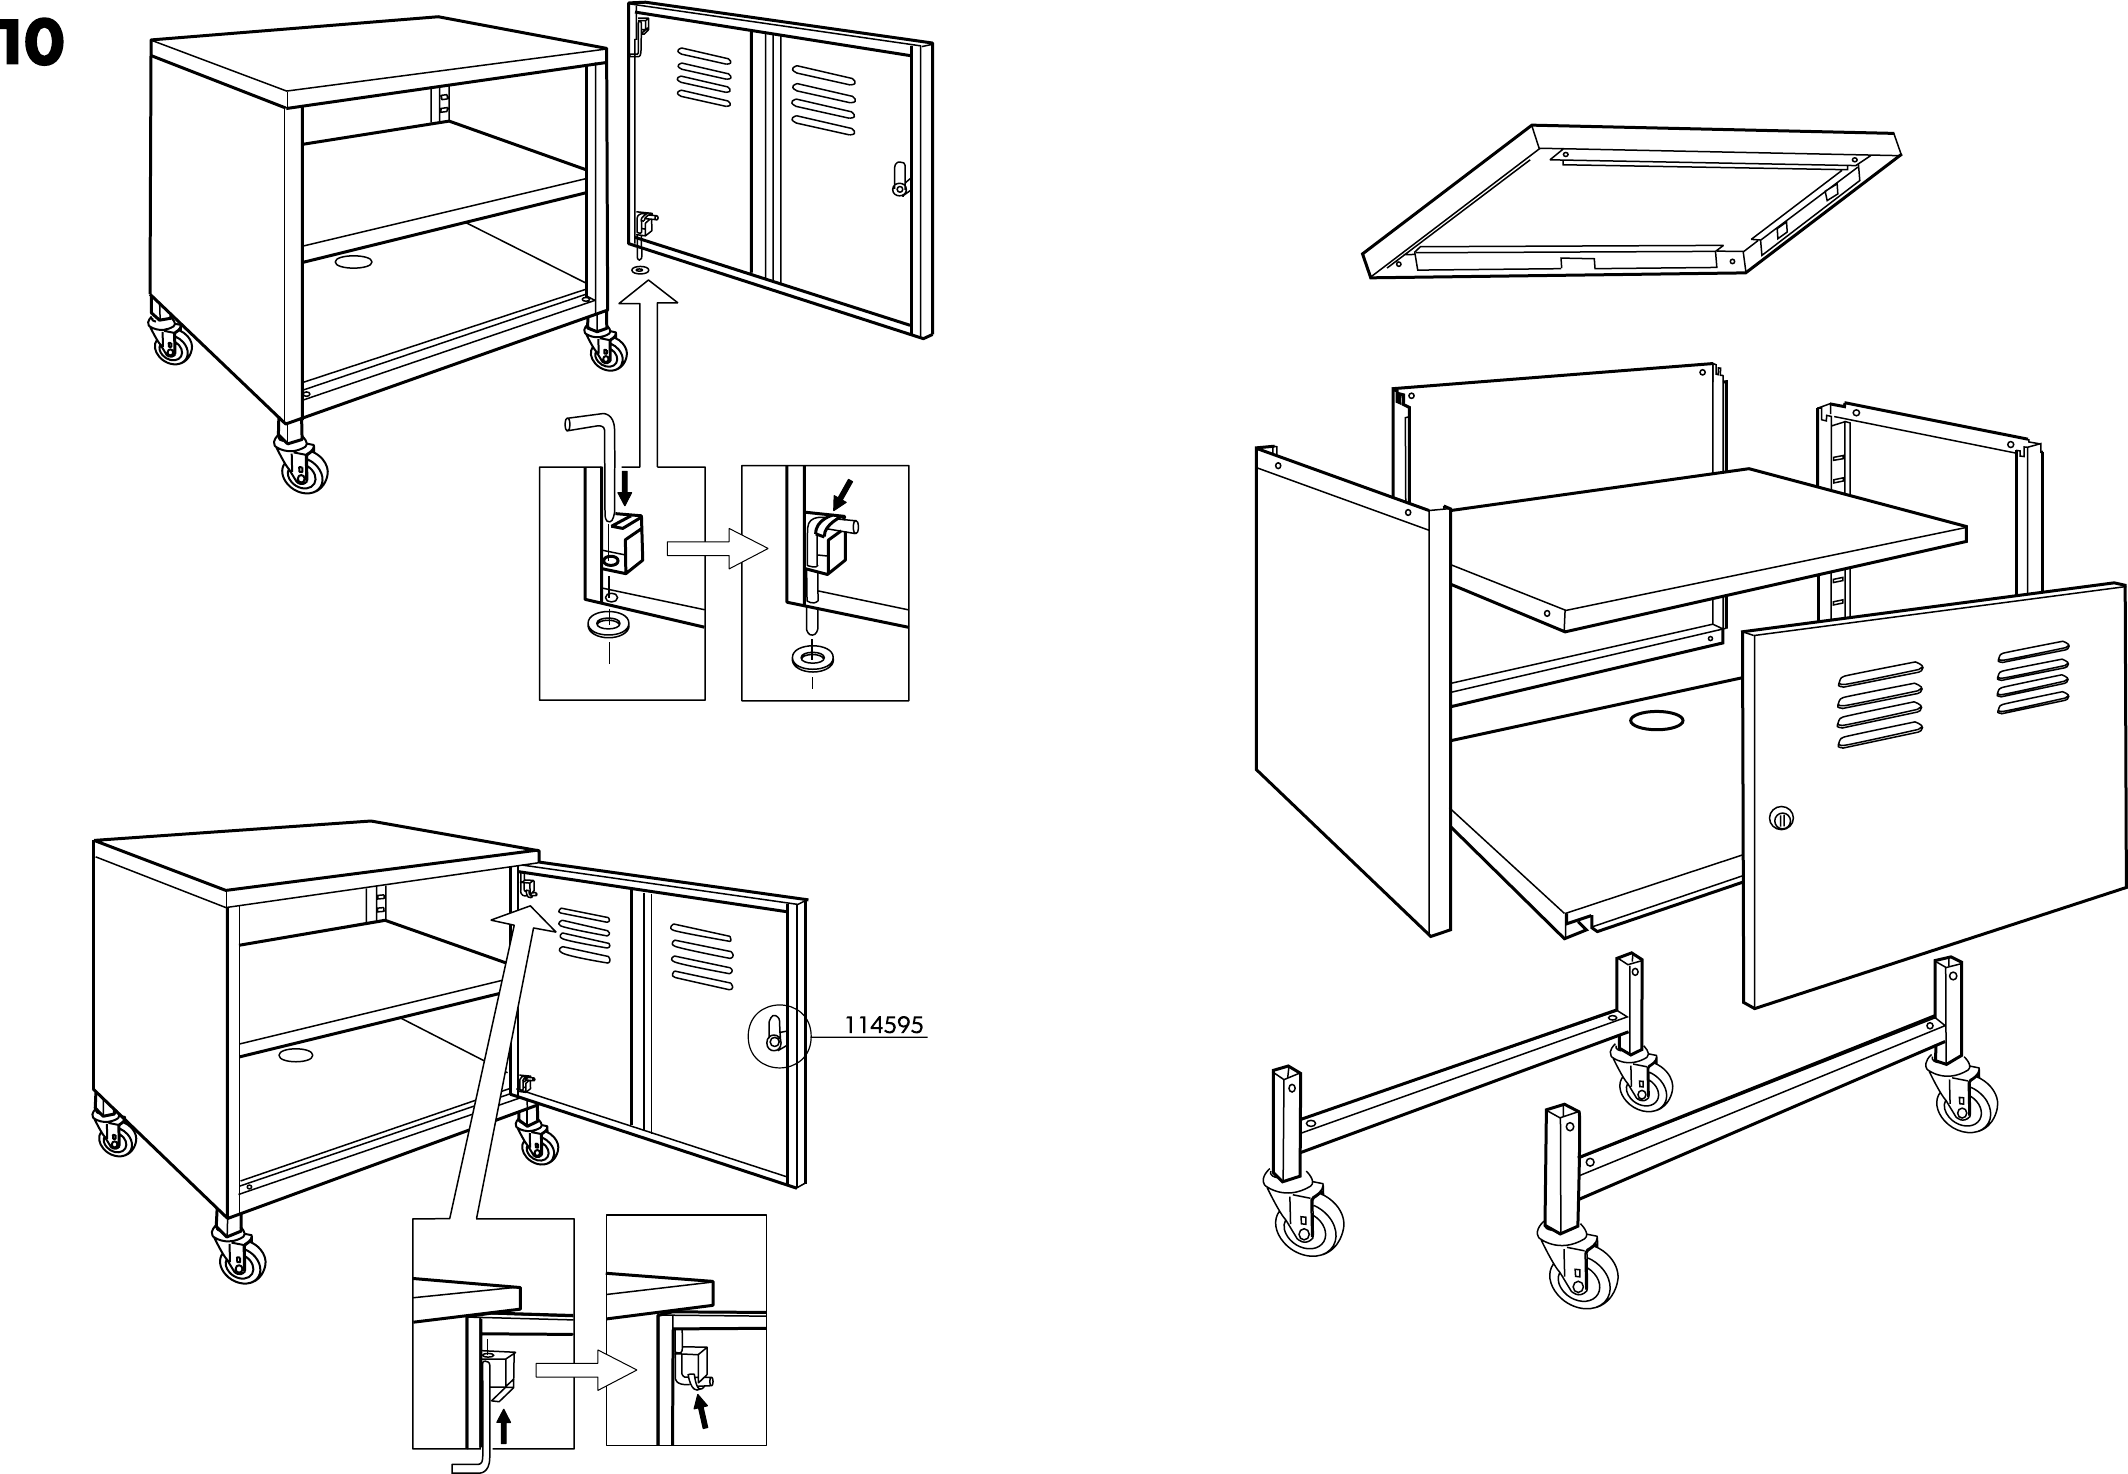 Handleiding Ikea PS kast op wielen (pagina 3 van 6) (Dansk, Deutsch